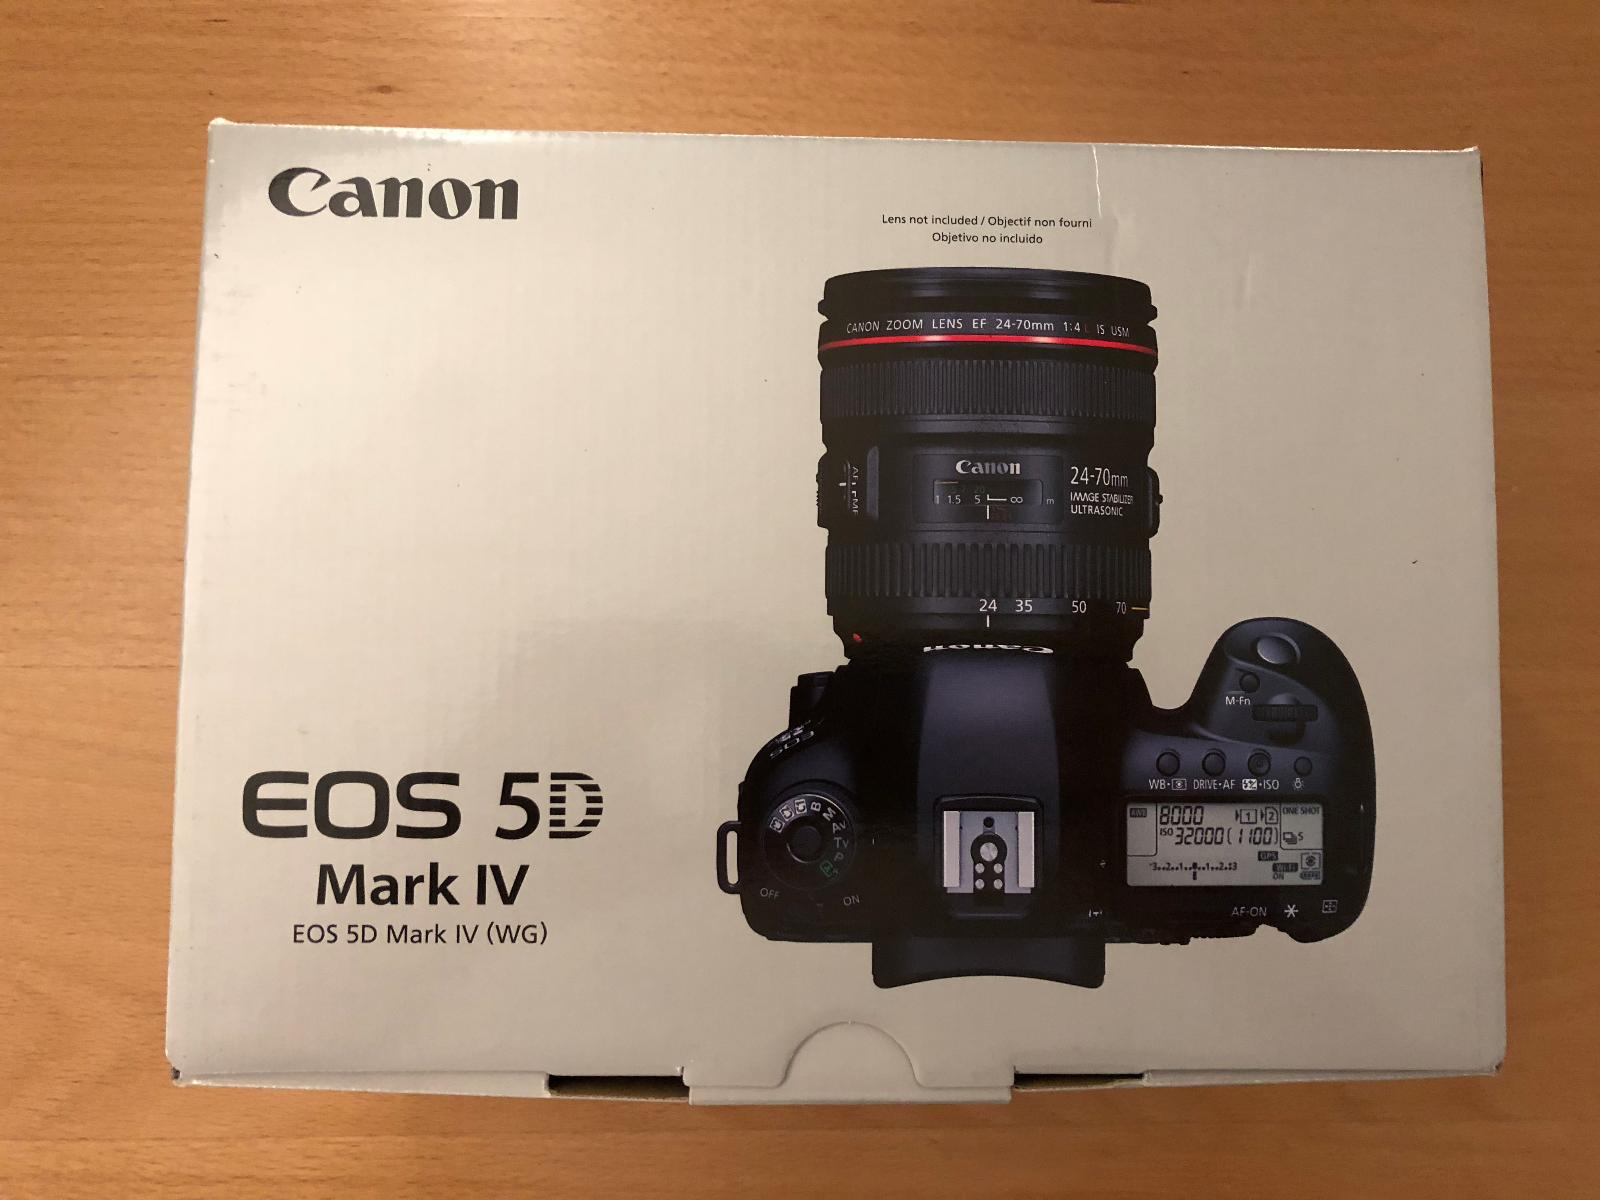 Canon Eos 5d Mark Iv Full Frame Digital Slr Camera Body Only Us Dslr 4 Model